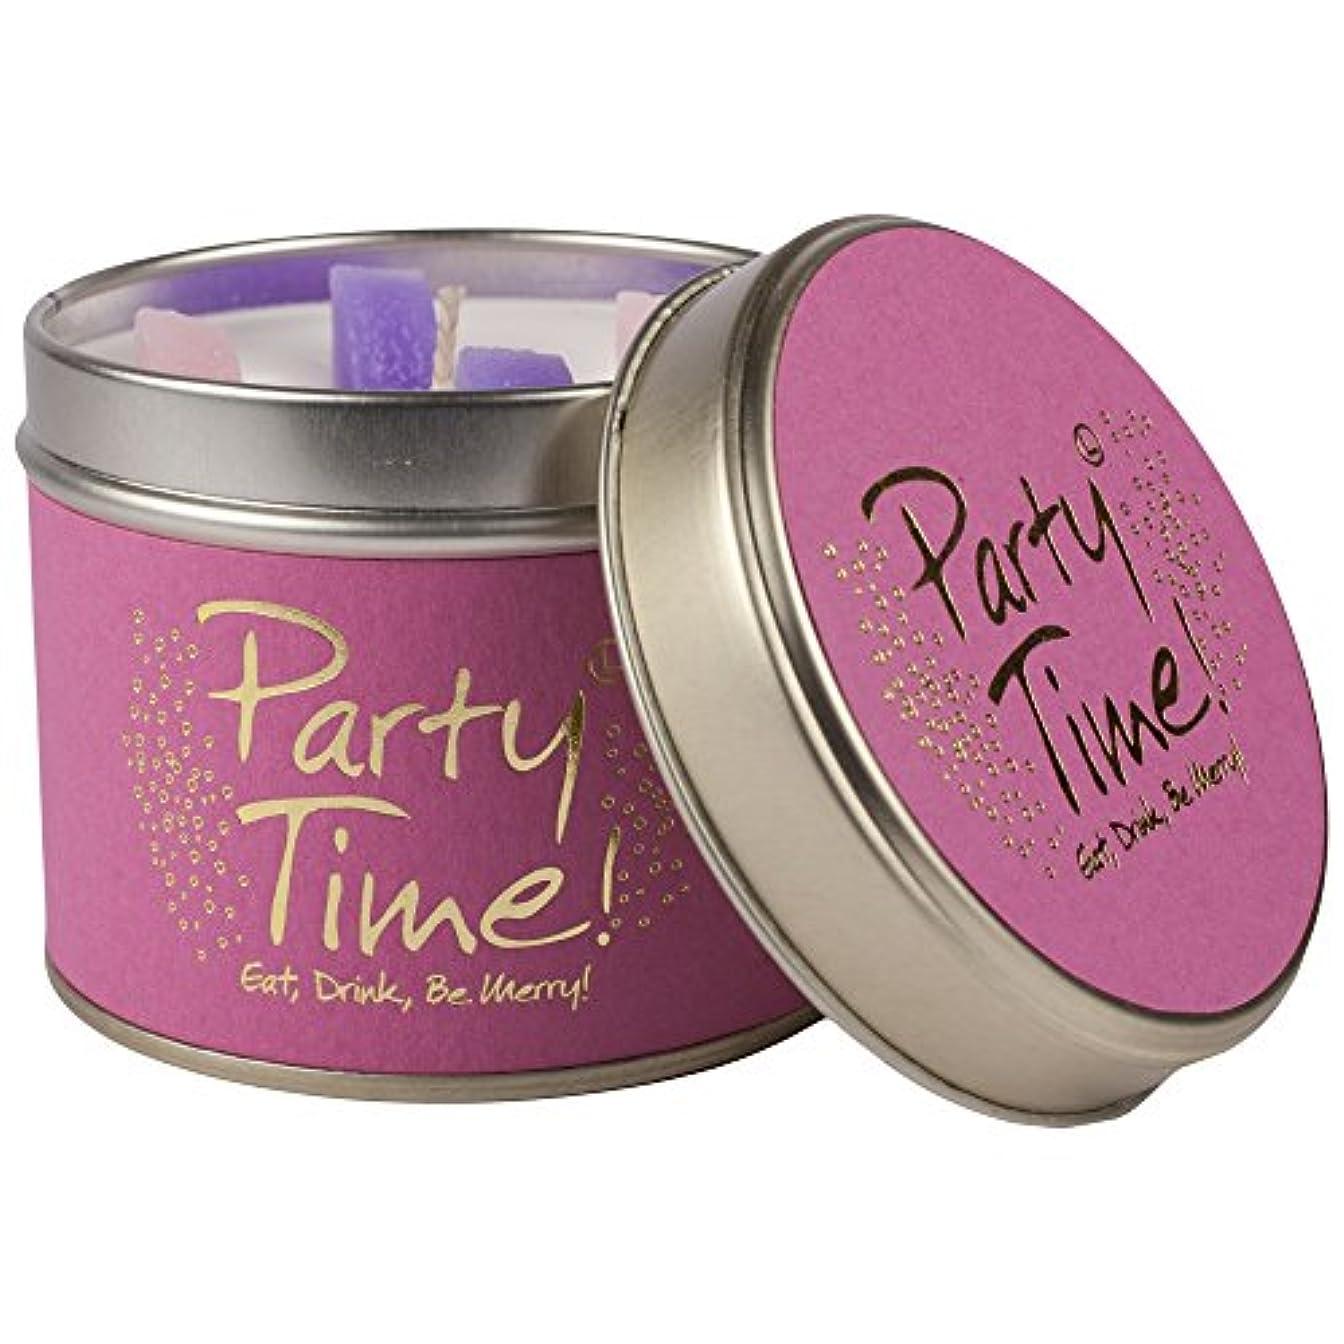 効果予測まとめるLily-Flame Party Time Scented Candle Tin (Pack of 2) - ユリ炎パーティーの時間香りのキャンドルスズ (Lily-Flame) (x2) [並行輸入品]